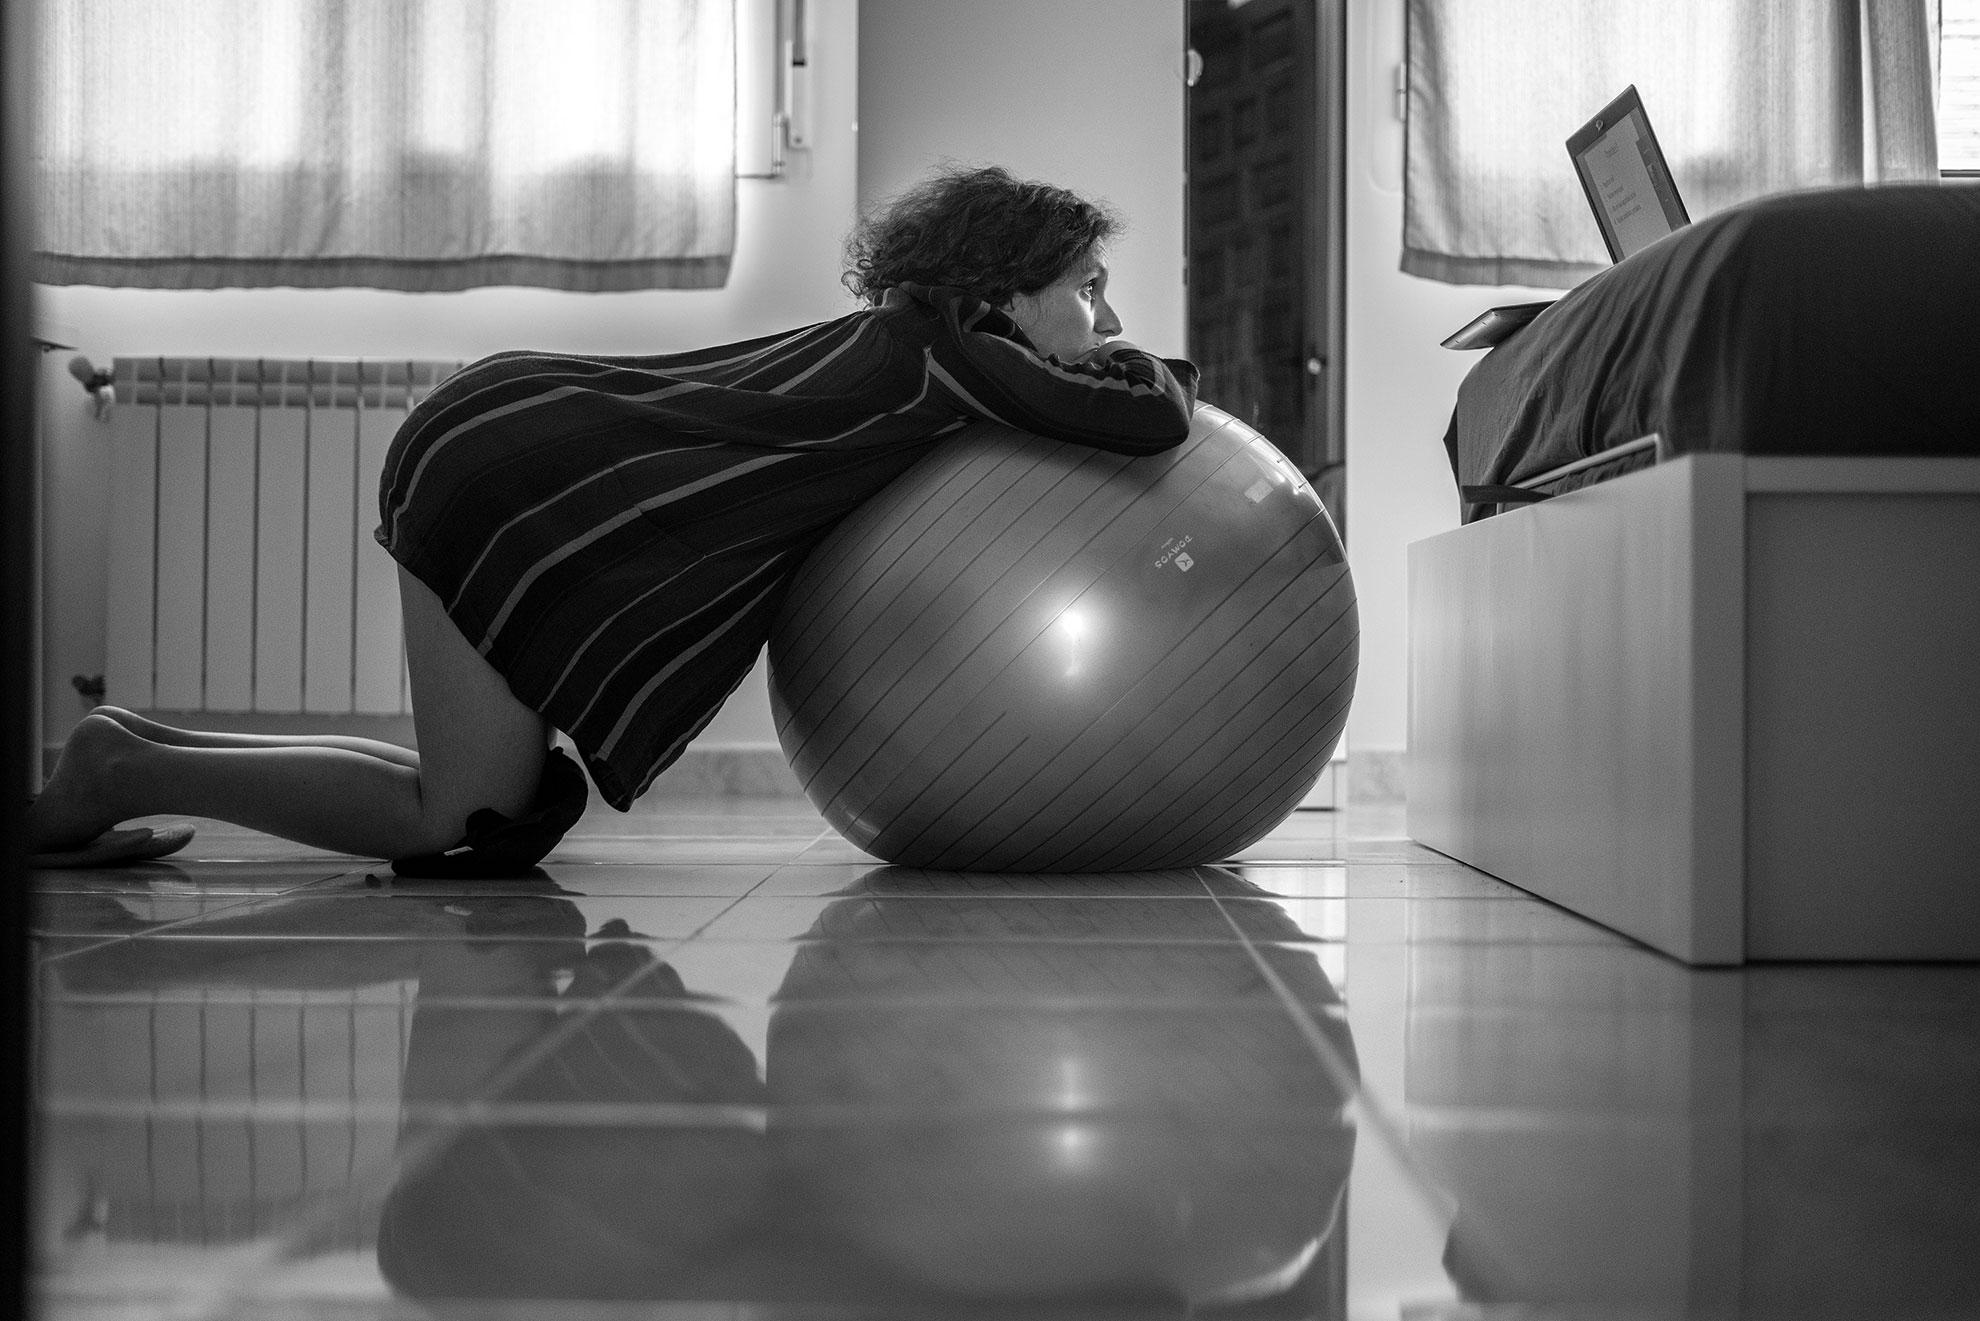 """Desde mi habitación, mientras hacía ejercicios con la pelota, escuchaba atenta la clase online de la matrona sobre lo que nos depara el posparto. Hablamos de """"entuertos"""", """"loquios"""", """"desgarros"""", pero también de la cuarentena después de dar a luz y la importancia de los cuidados en esos momentos. Sara, la matrona, se explaya con dulzura y se esfuerza en plantearnos el escenario más amplio posible y desmitificar la idea de las madres de cuerpos perfectos nada más parir. También nos explica los protocolos habituales, como por ejemplo el tiempo de estancia en el hospital o las visitas. Dos aspectos que han cambiado radicalmente en estos momentos de pandemia. Estaremos lo menos posible ingresadas y todavía es una incógnita el tiempo que ha de pasar hasta que veamos a nuestros seres queridos una vez que nazca la niña. Reconozco que esto último me da un pellizquito por dentro."""